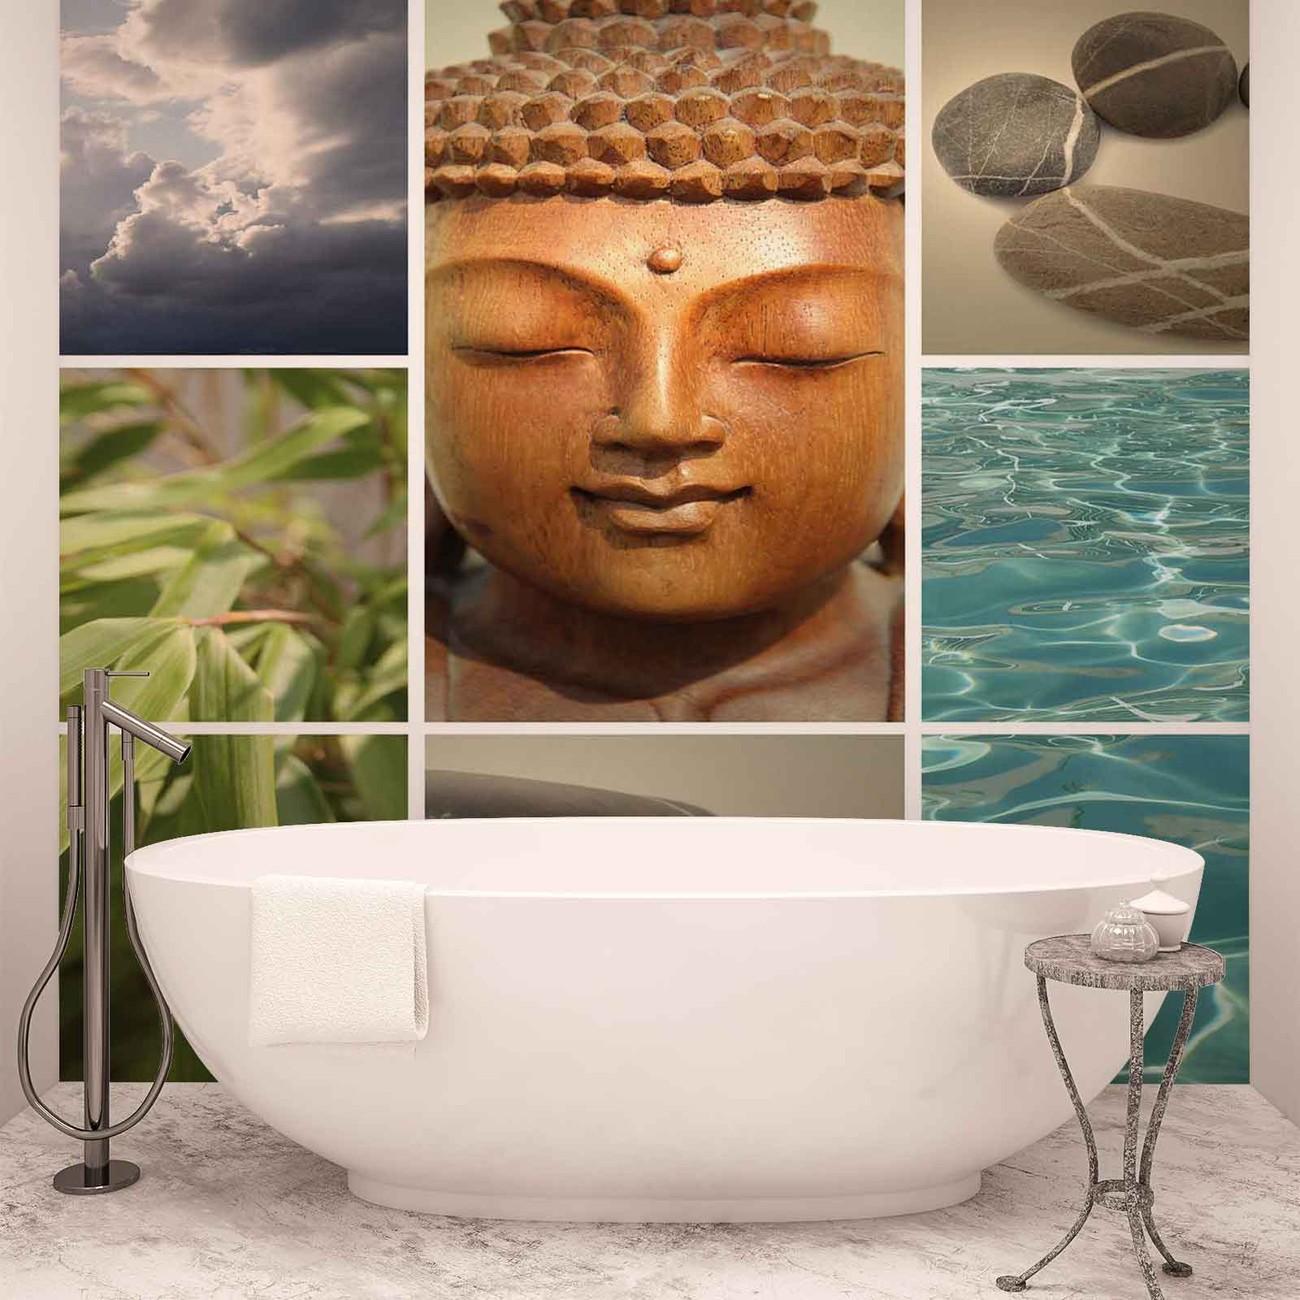 Zen calming scene wall paper mural buy at europosters for Poster xxl mural zen